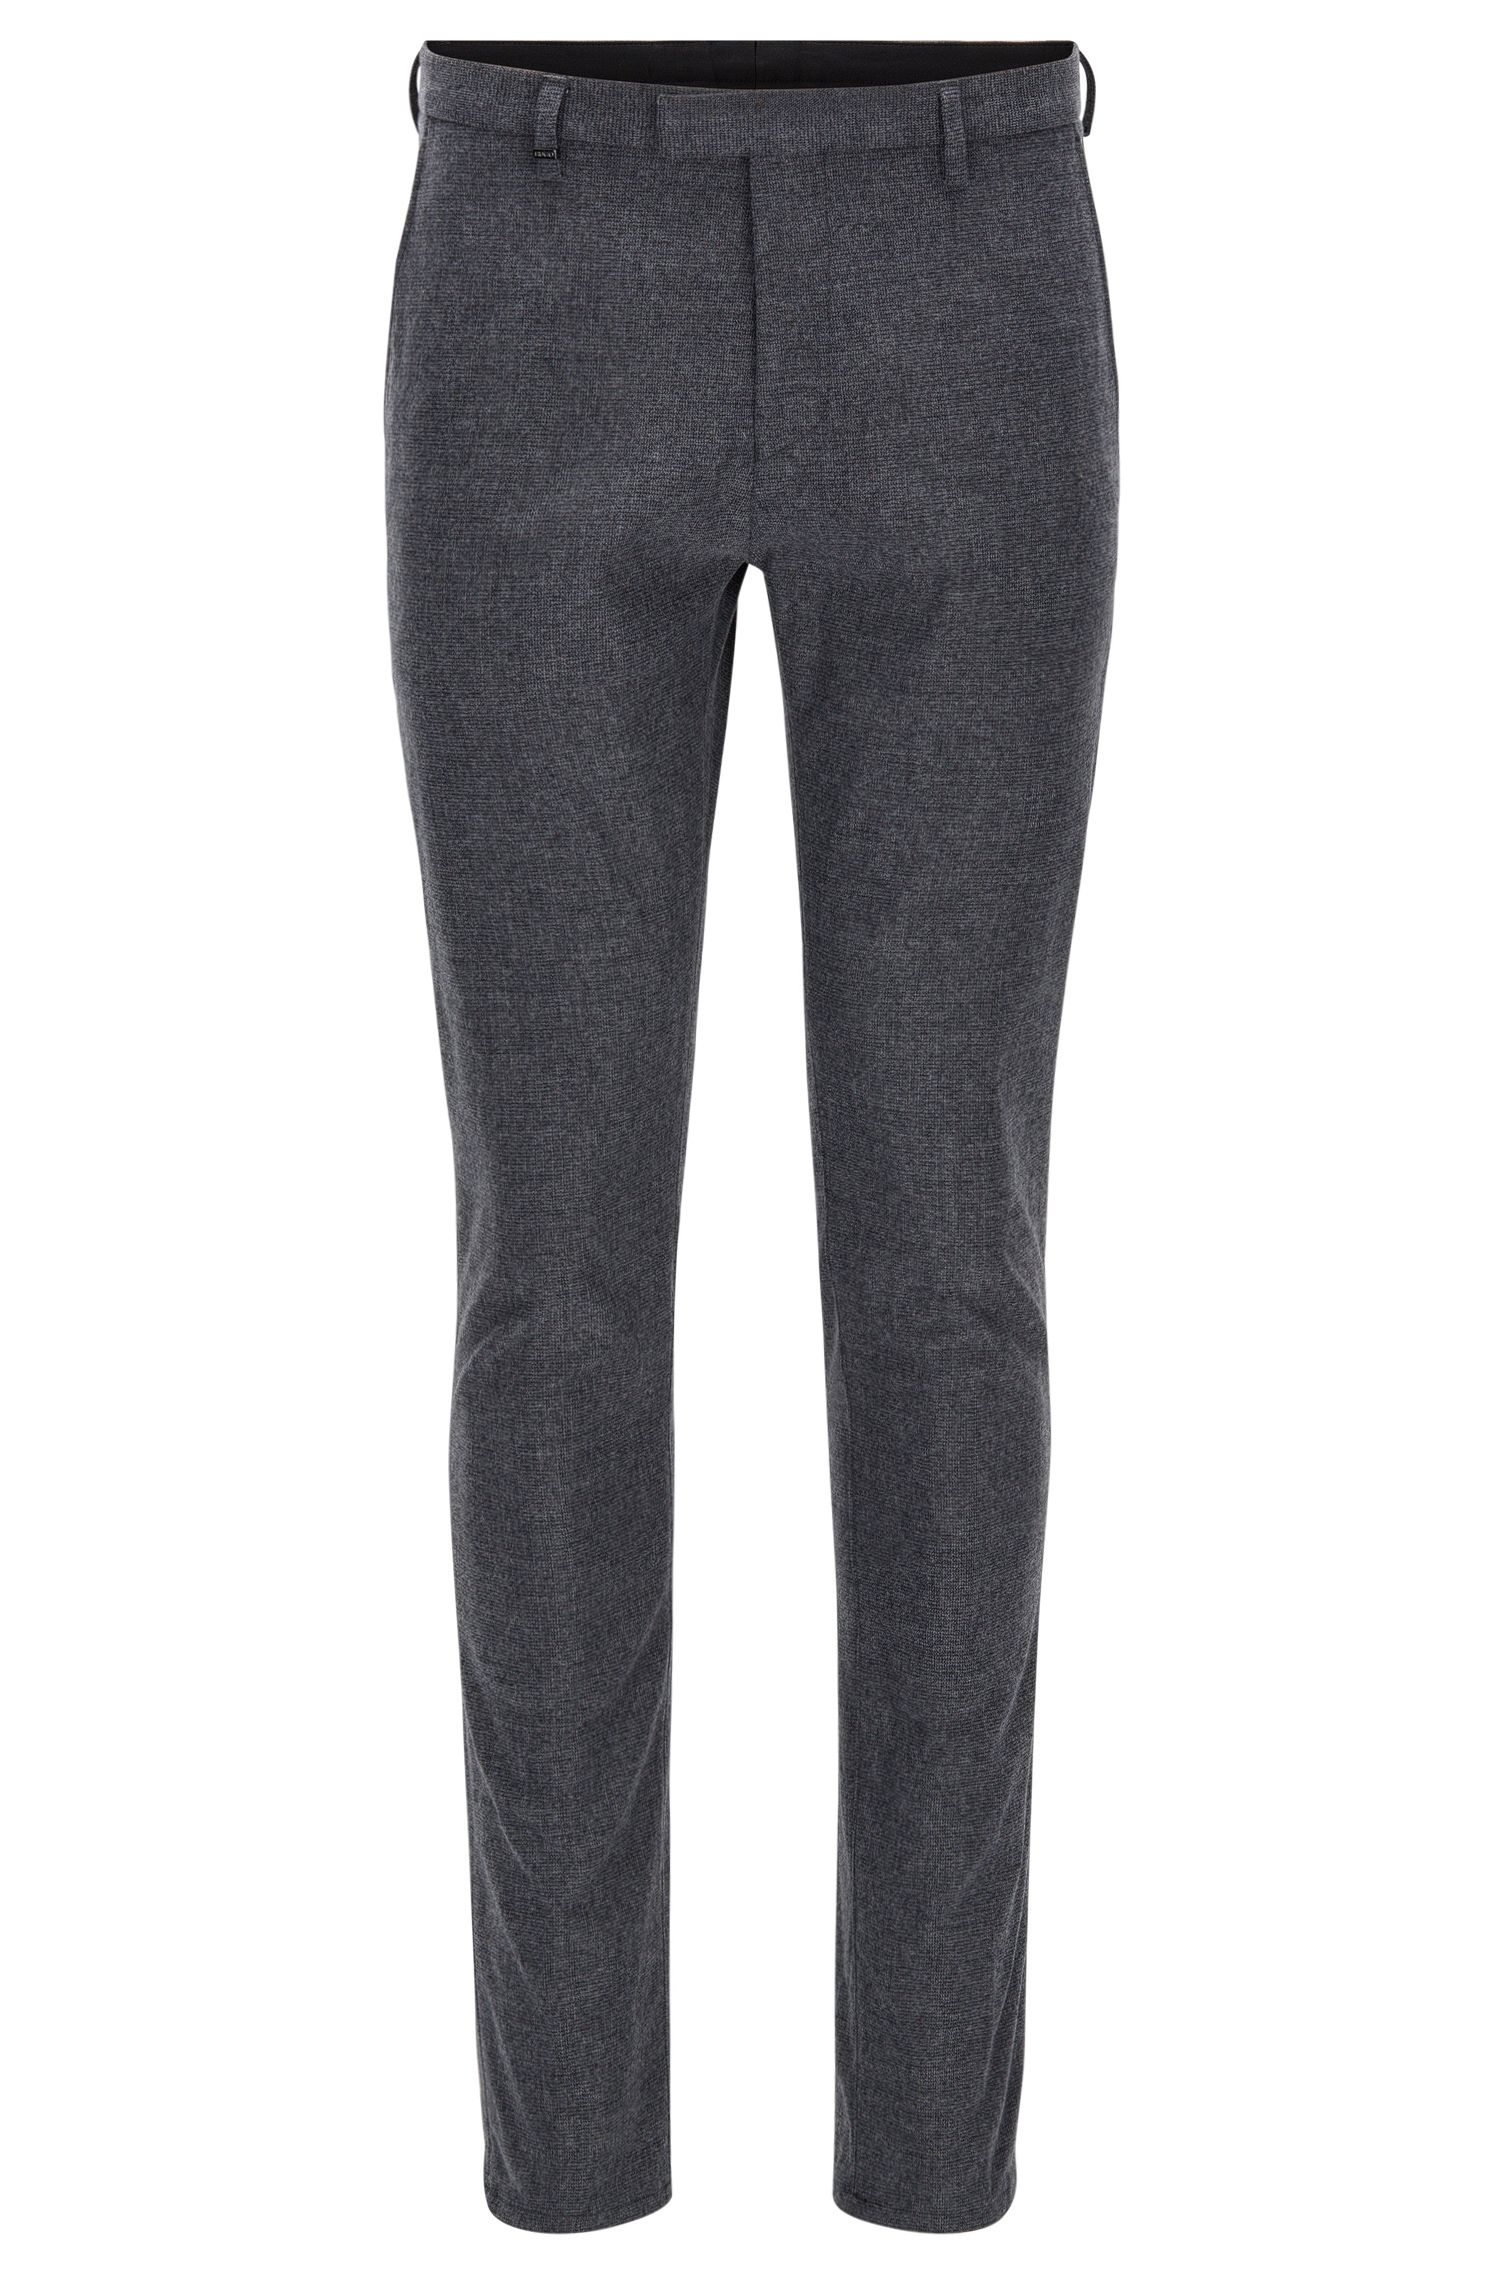 Pantalón tapered fit en mezcla de algodón cepillado